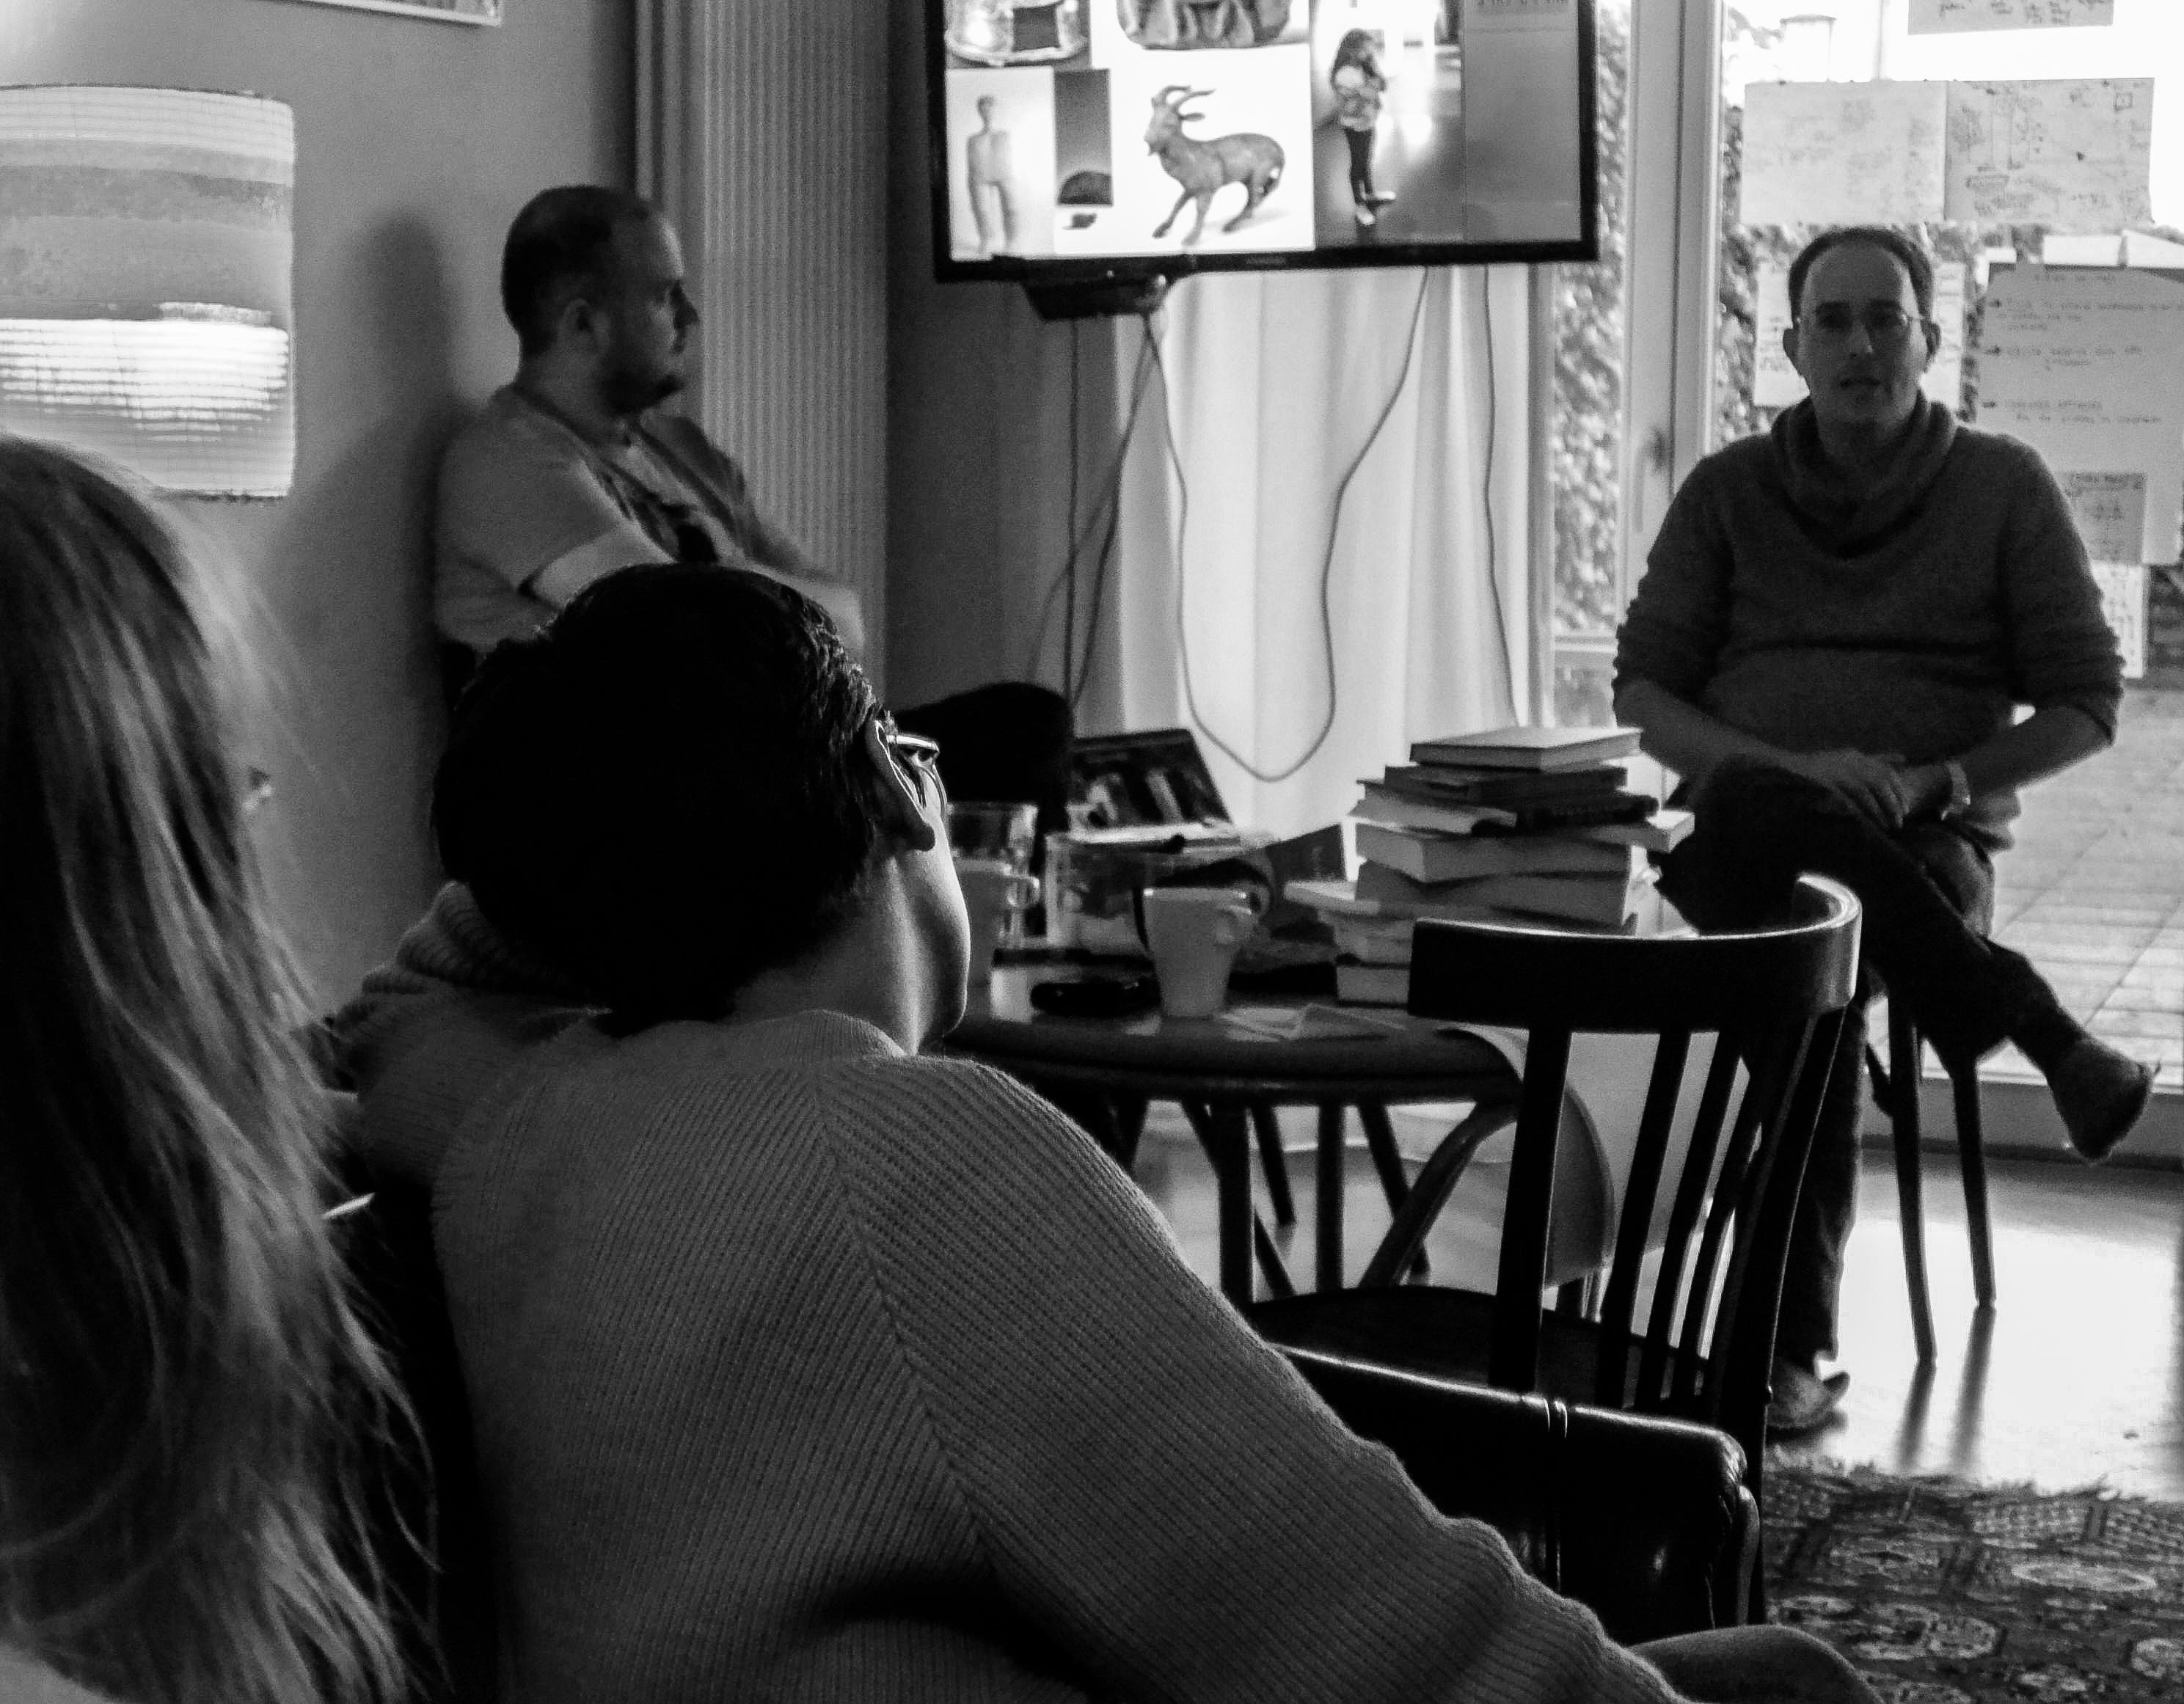 FuturesFeb19 - Lior Zalmanson presenting